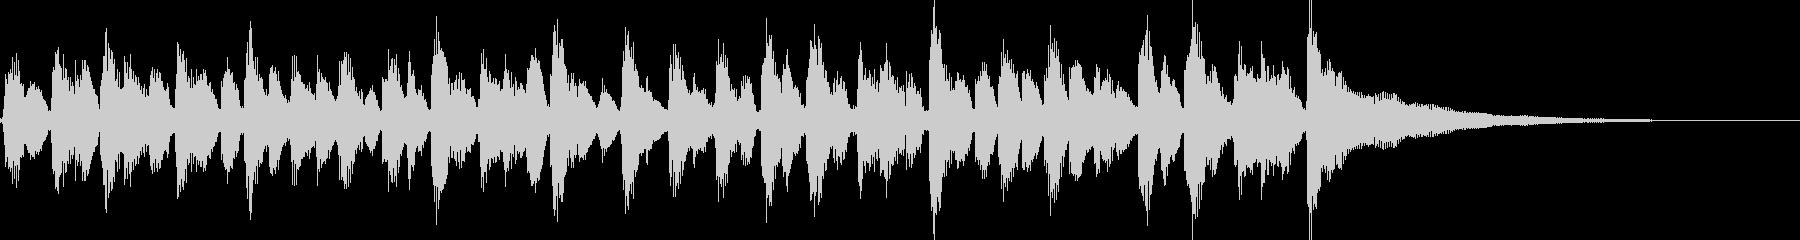 15秒CM、アコギリズム、商品紹介等②の未再生の波形